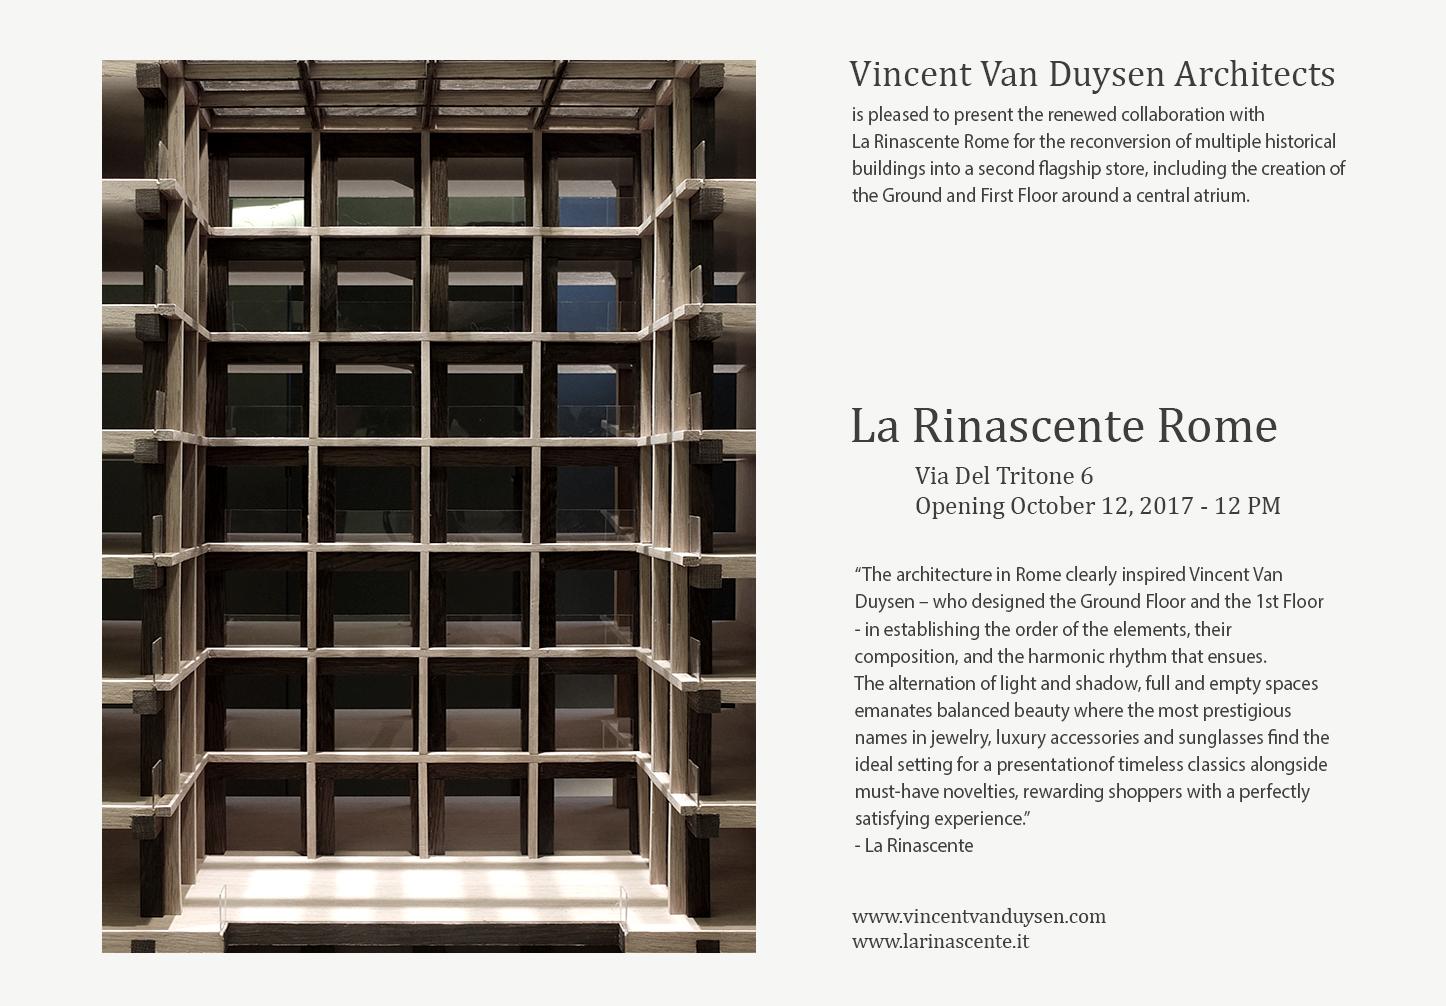 La Rinascente_Vincent Van Duysen Architects